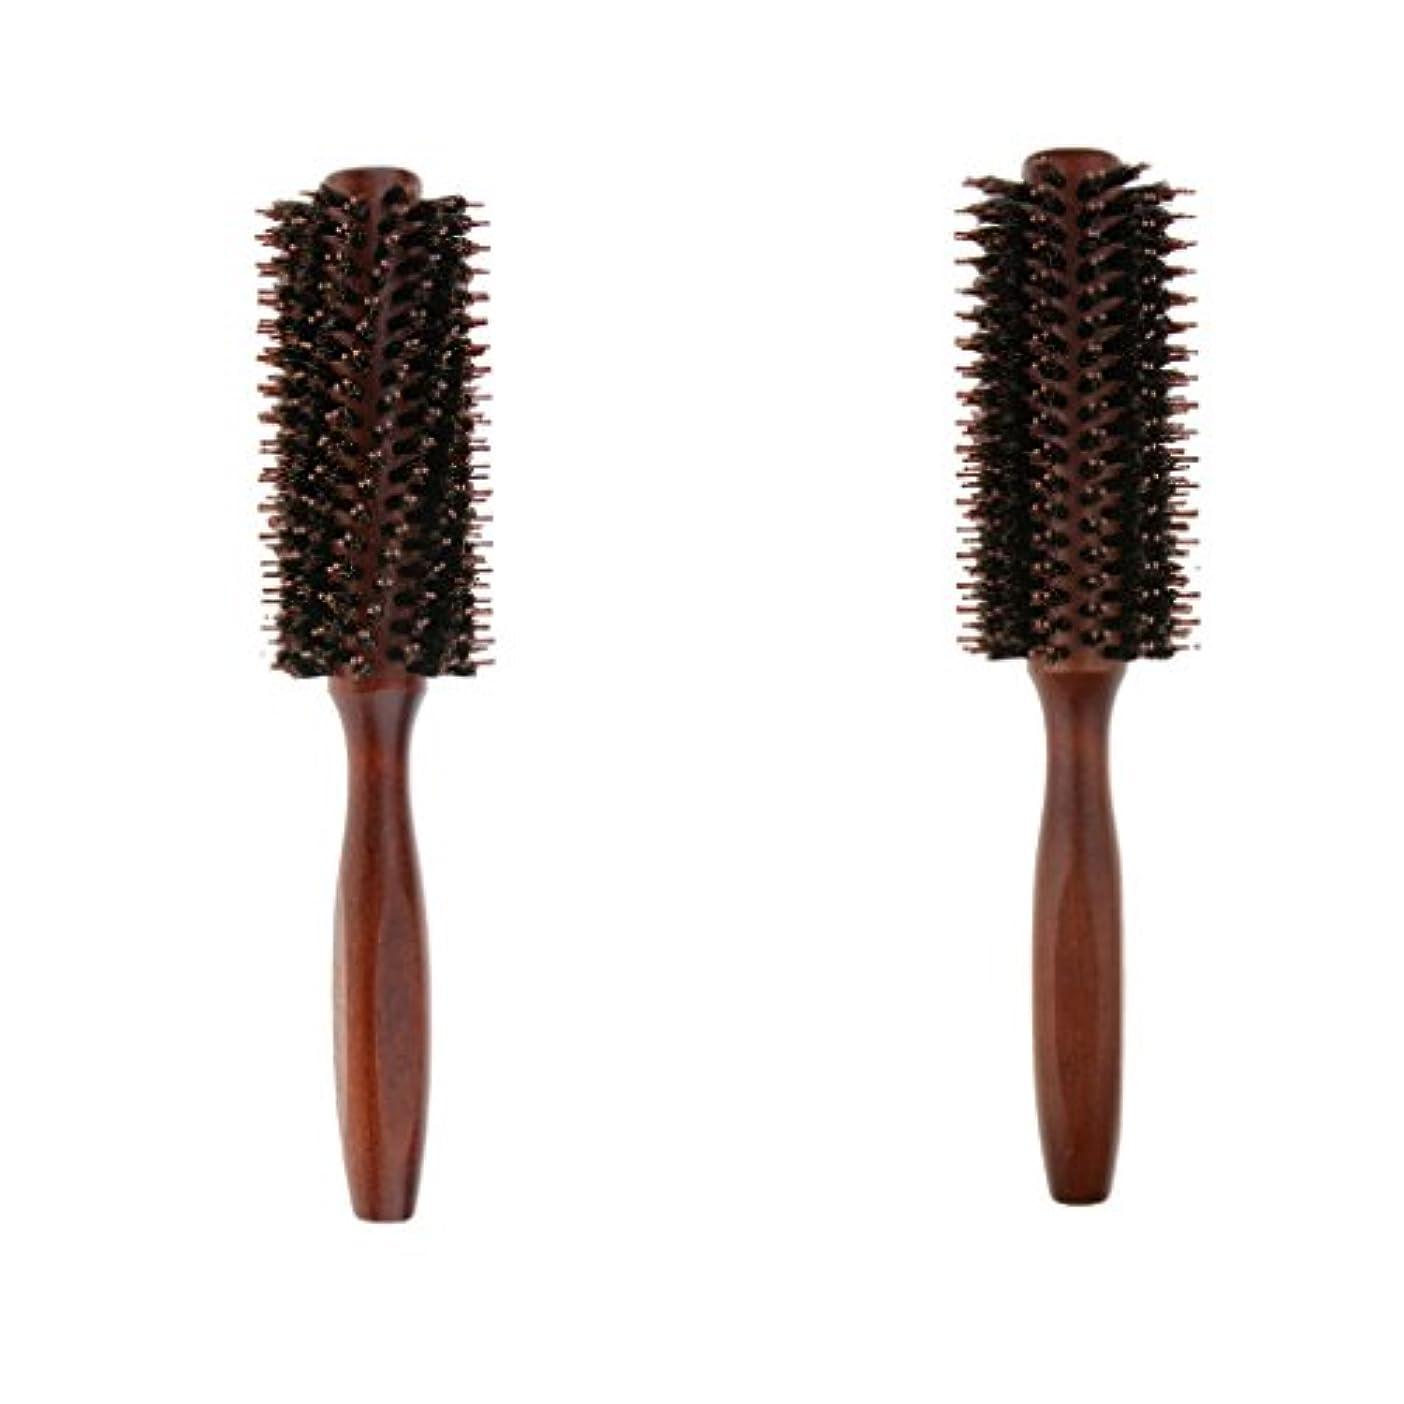 絶対の切手聖職者2個 ロールブラシ ヘアブラシ ヘアカラーリング用 木製櫛 静電気防止 耐熱コーム 巻き髪